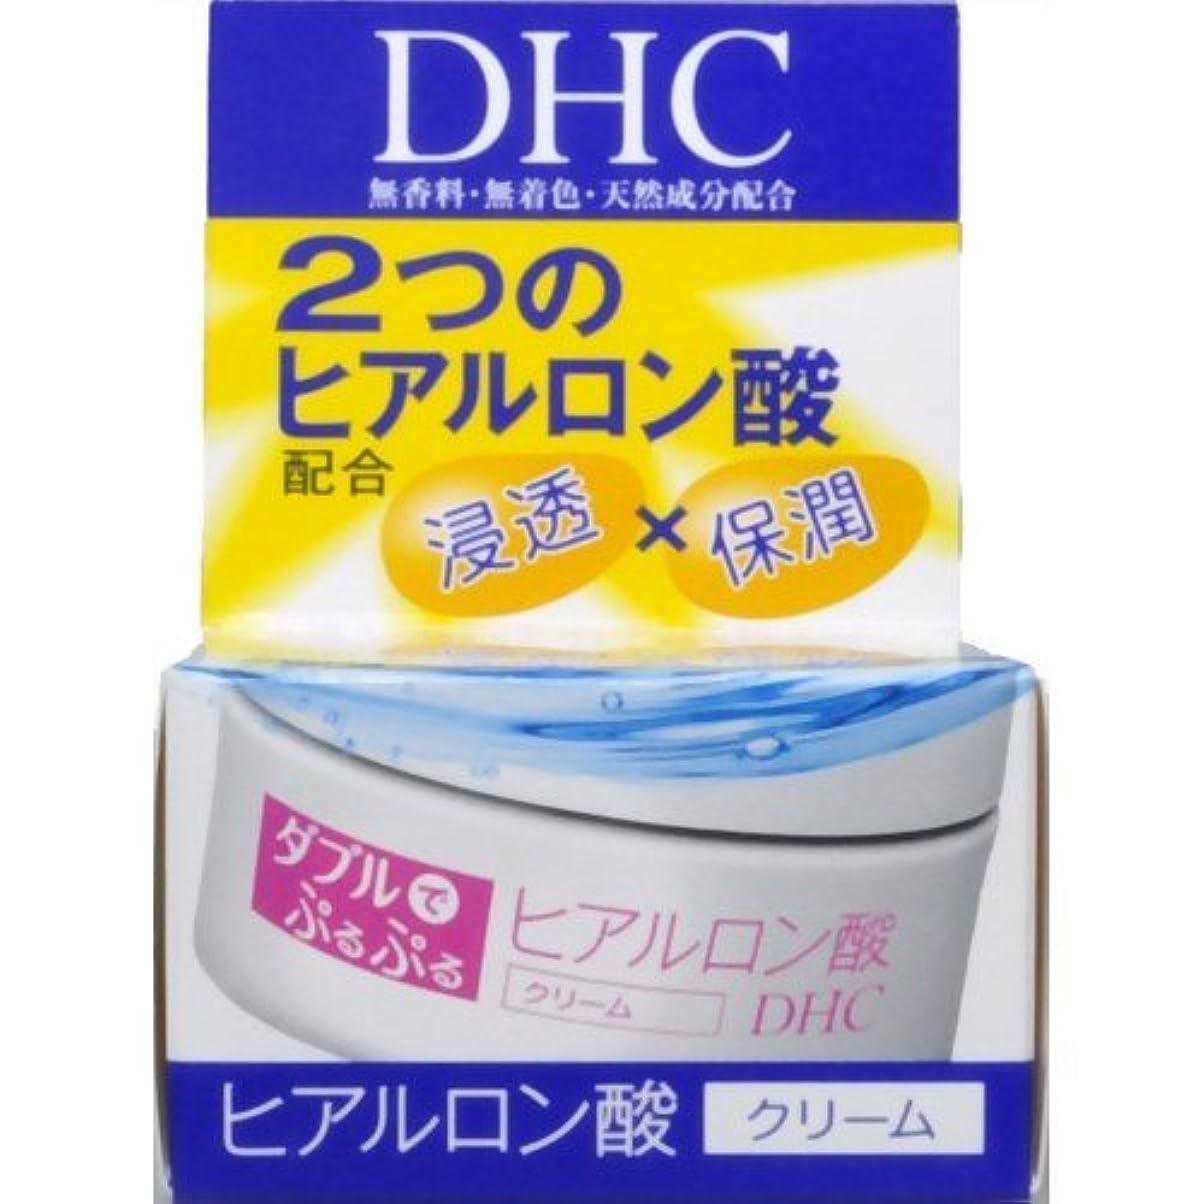 人口意識レスリングDHC ダブルモイスチュアクリーム 50g